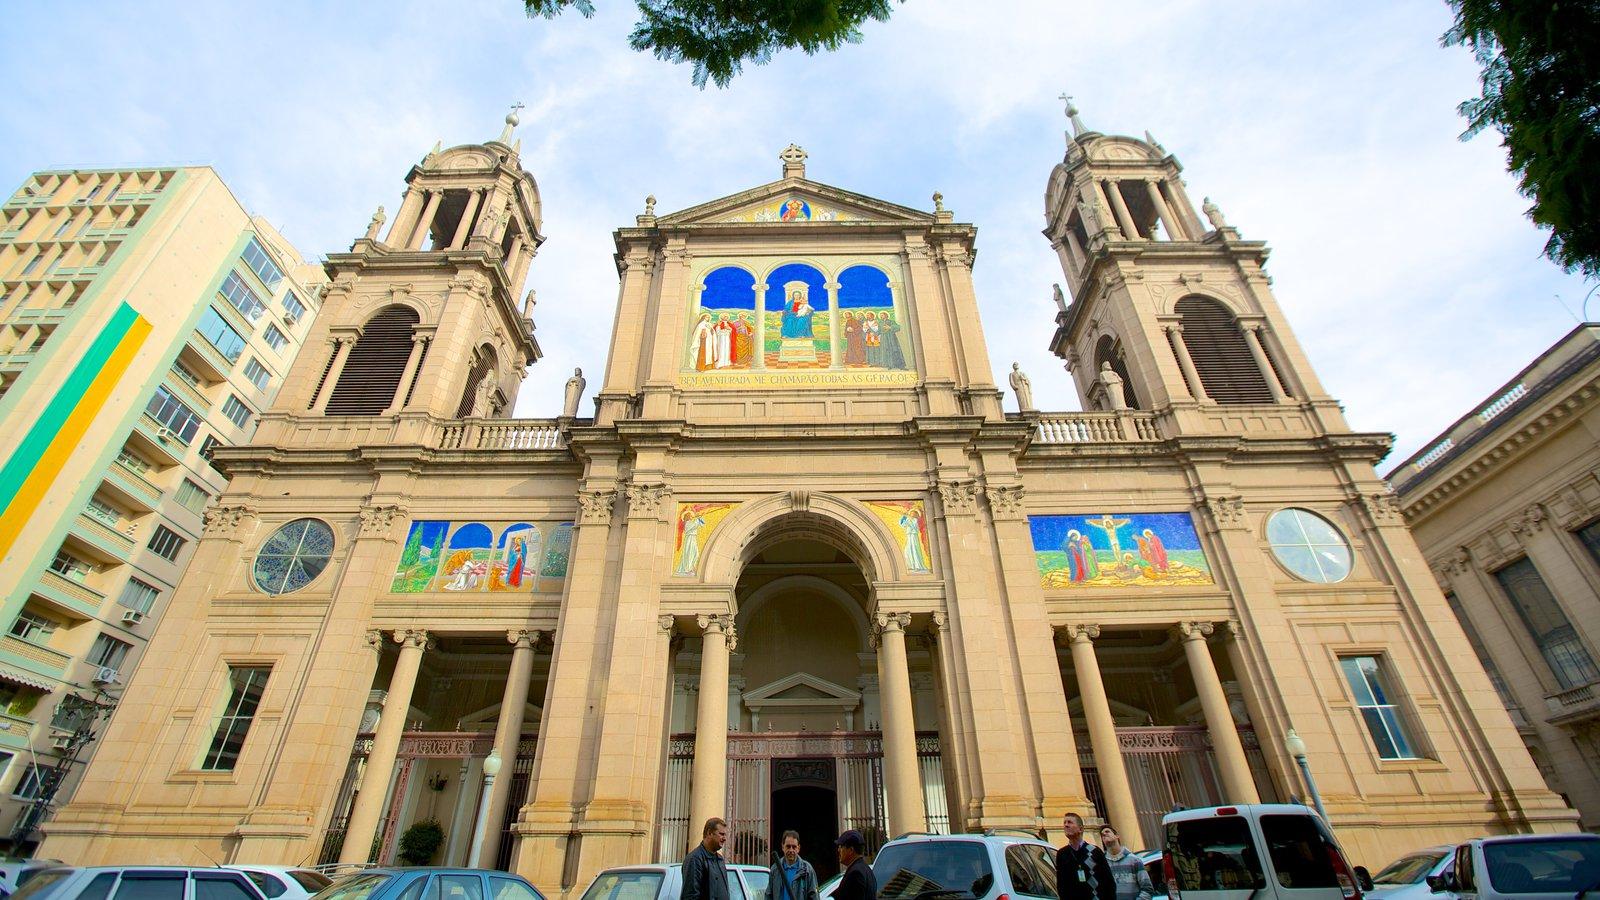 Catedral Metropolitana mostrando uma igreja ou catedral, arquitetura de patrimônio e cenas de rua